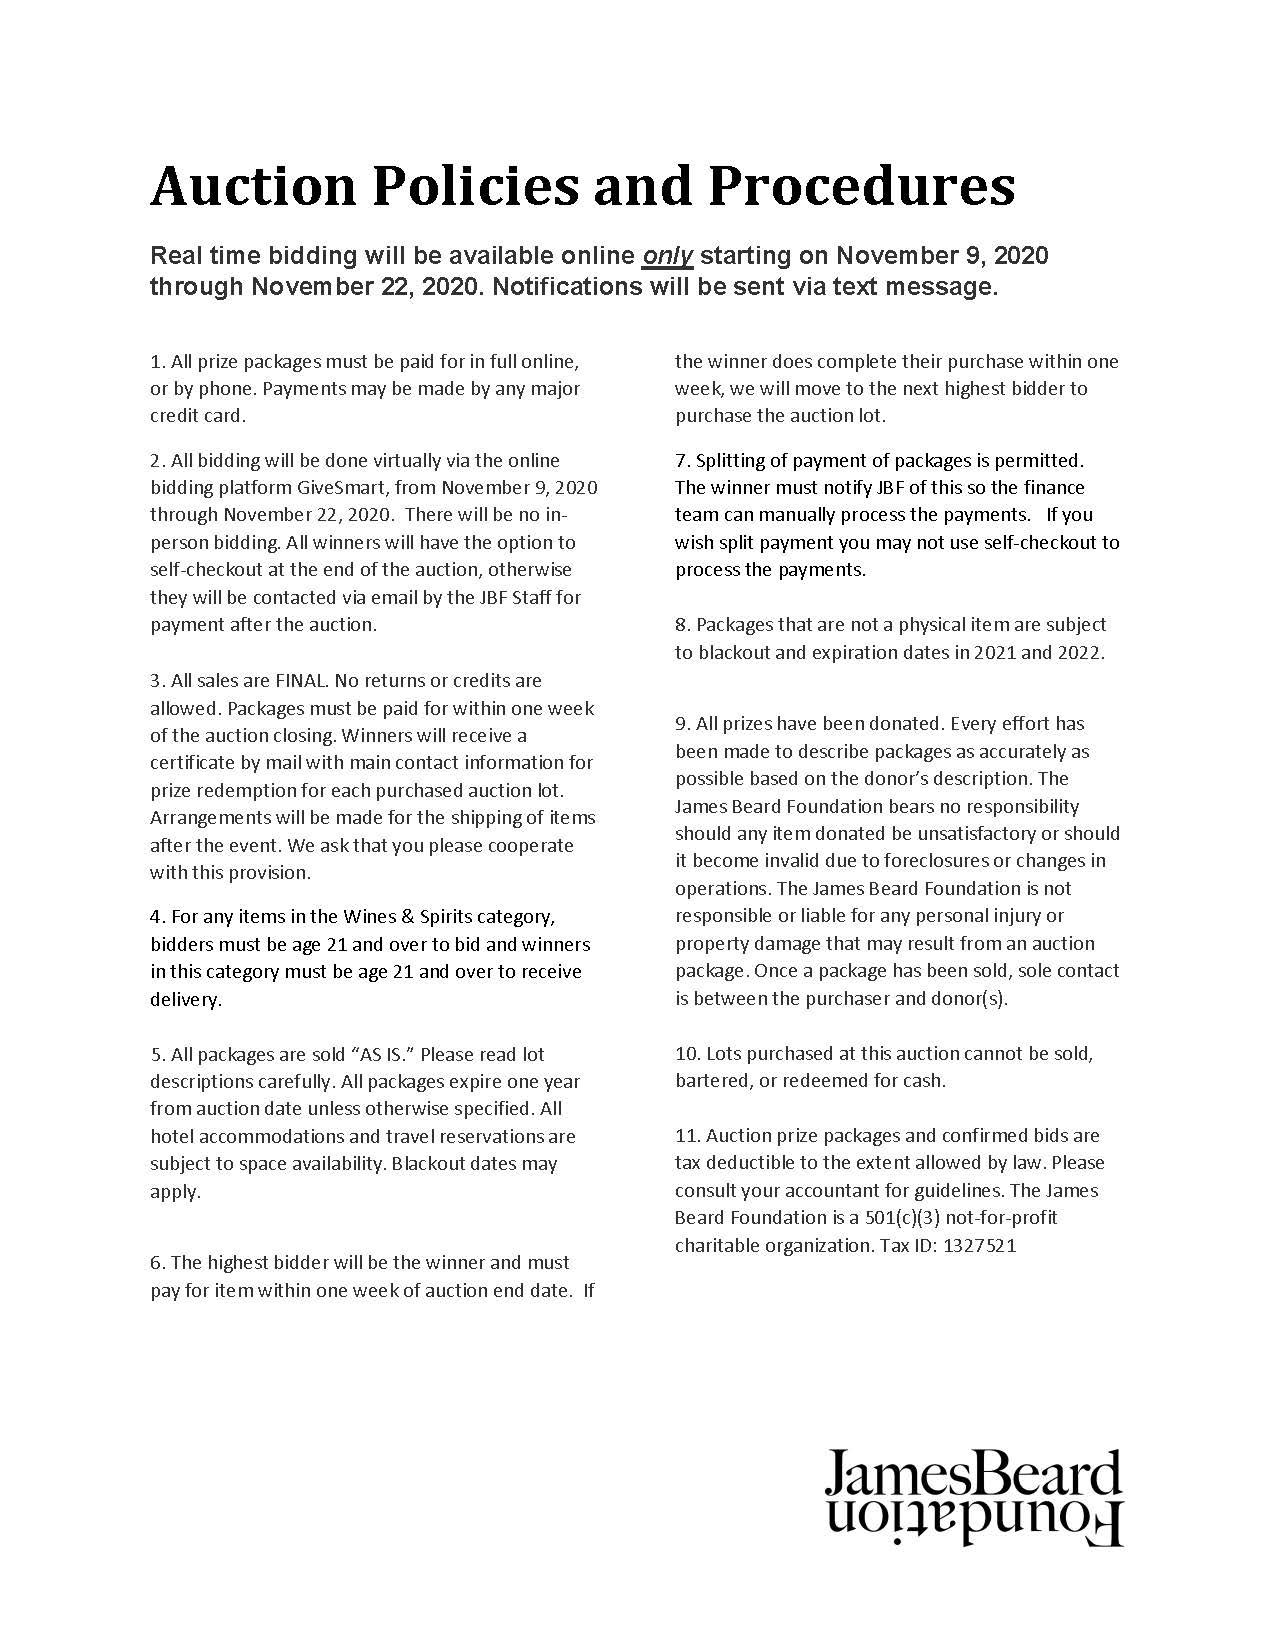 Auction Policies & Procedures